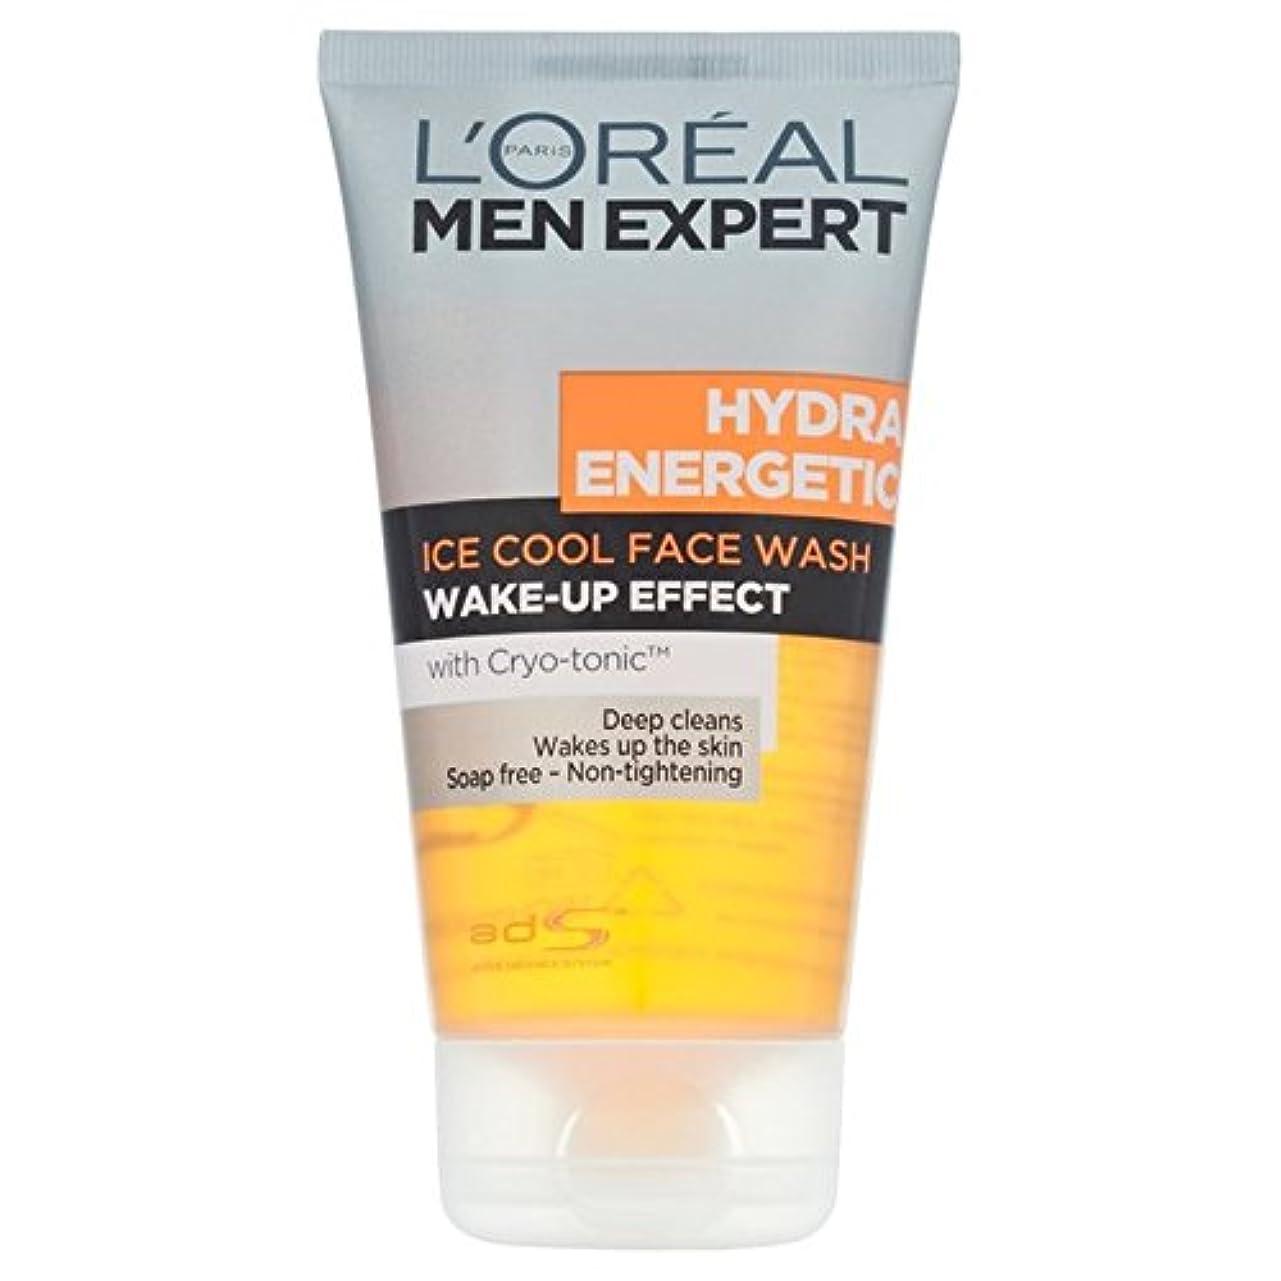 拍手先祖ほとんどの場合L'Oreal Men Expert Hydra Energetic Foaming Cleansing Gel 150ml - ロレアルの男性の専門家ヒドラエネルギッシュな発泡クレンジングジェル150 [並行輸入品]